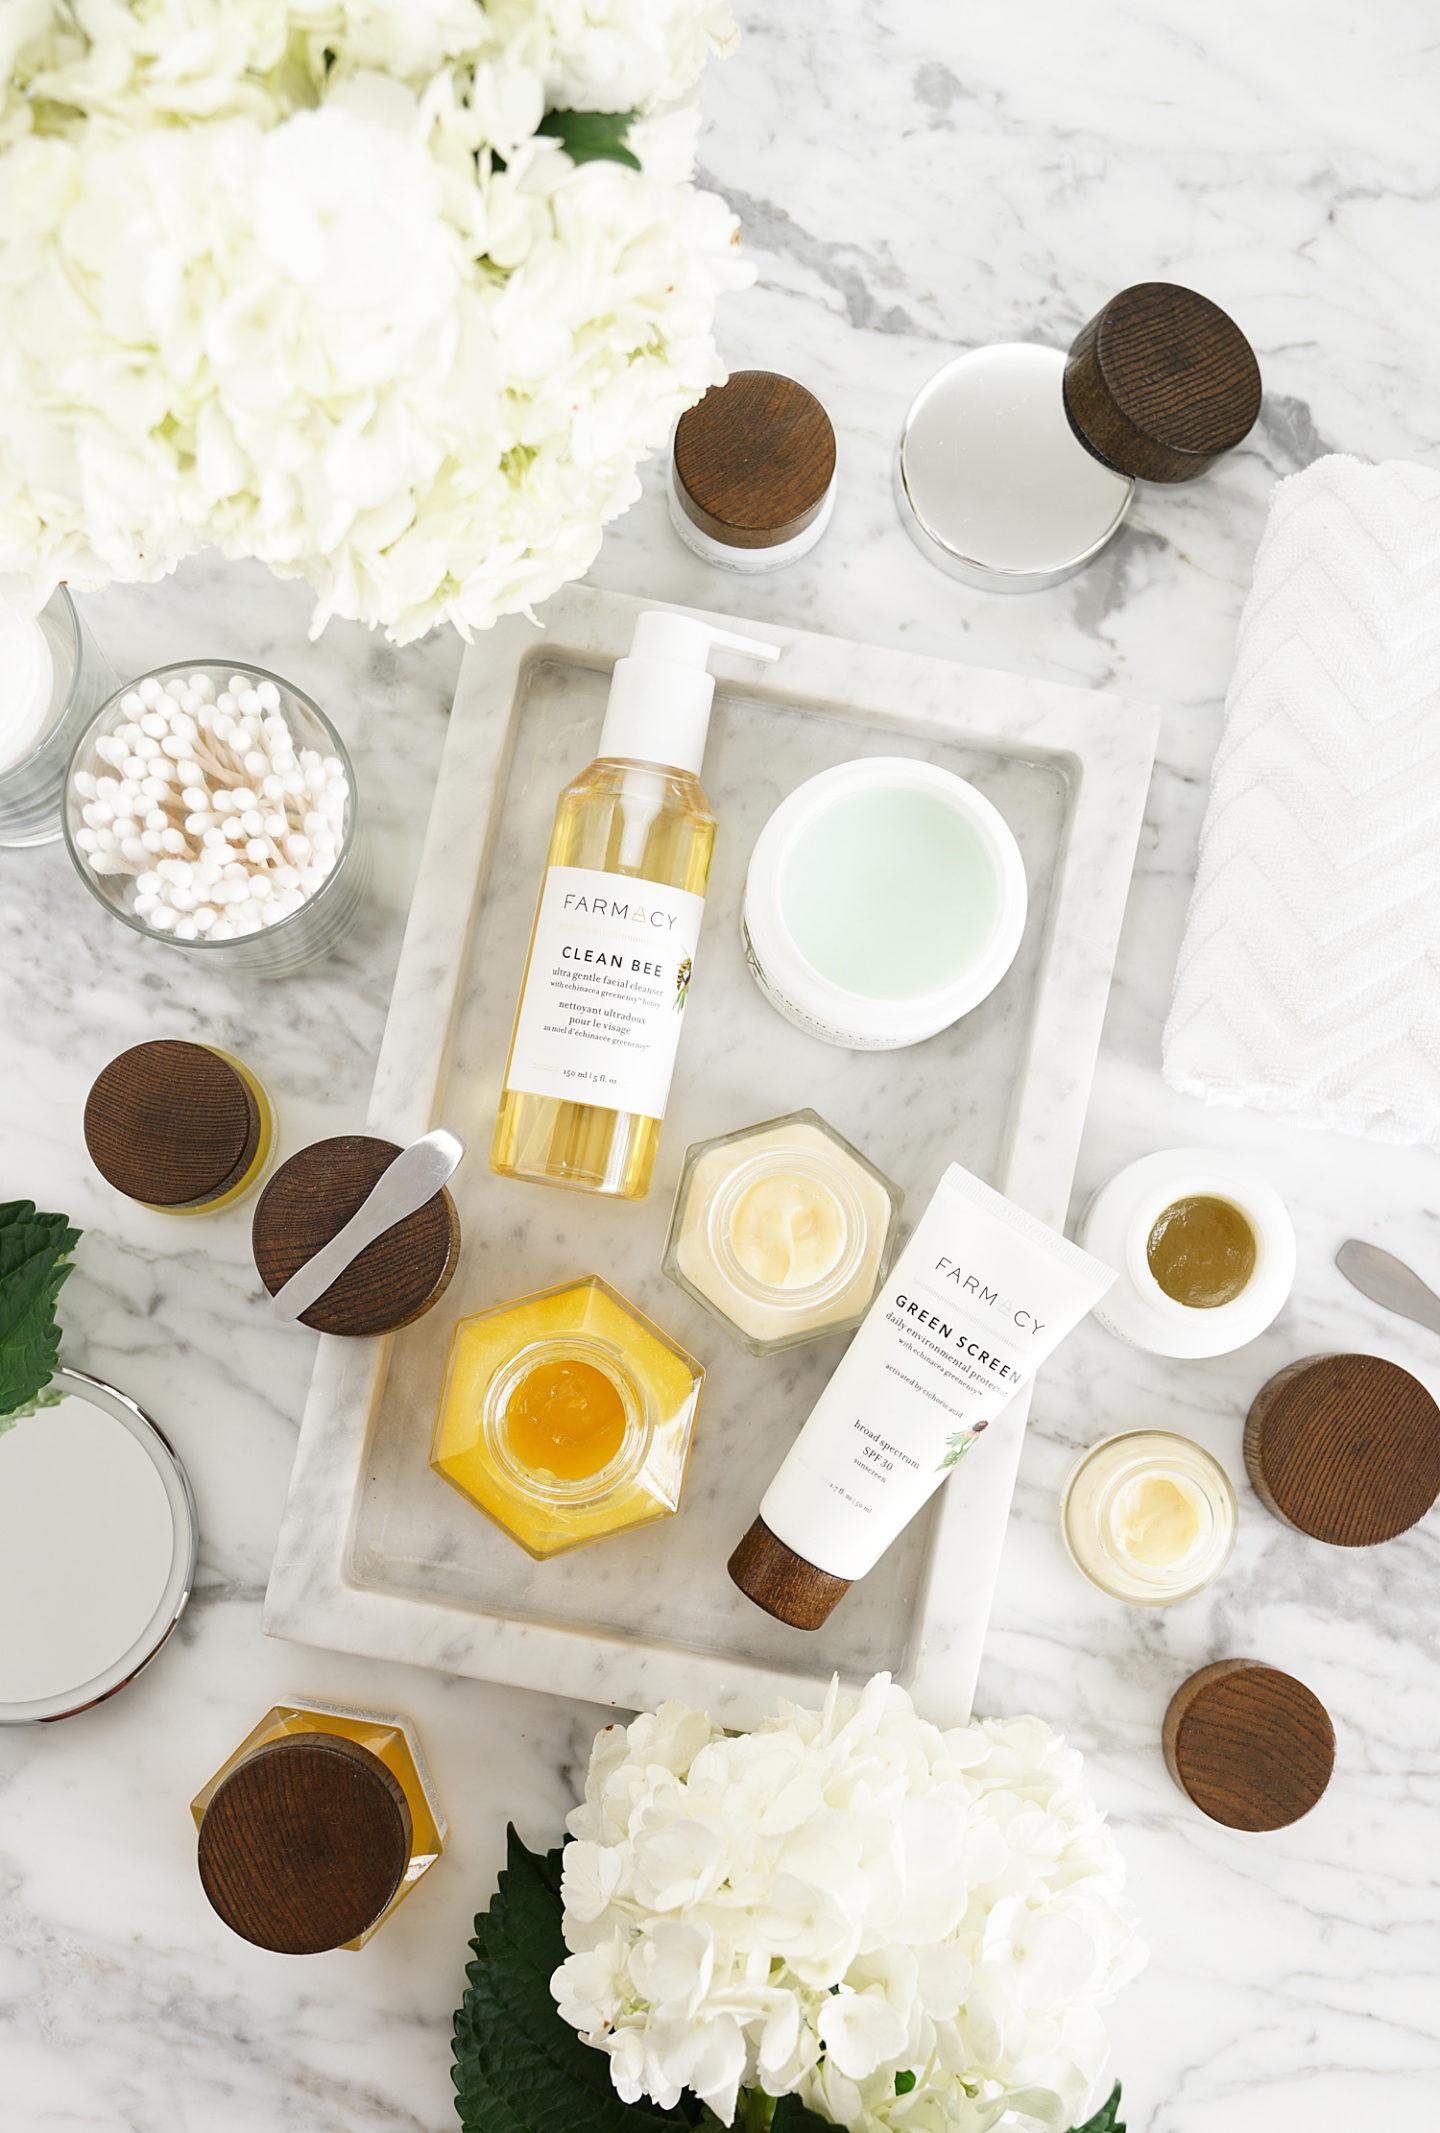 Revue de soin de beauté de beauté par l'intermédiaire du livre de regard de beauté. Vert propre, Potion de miel, abeille propre, écran vert, miel